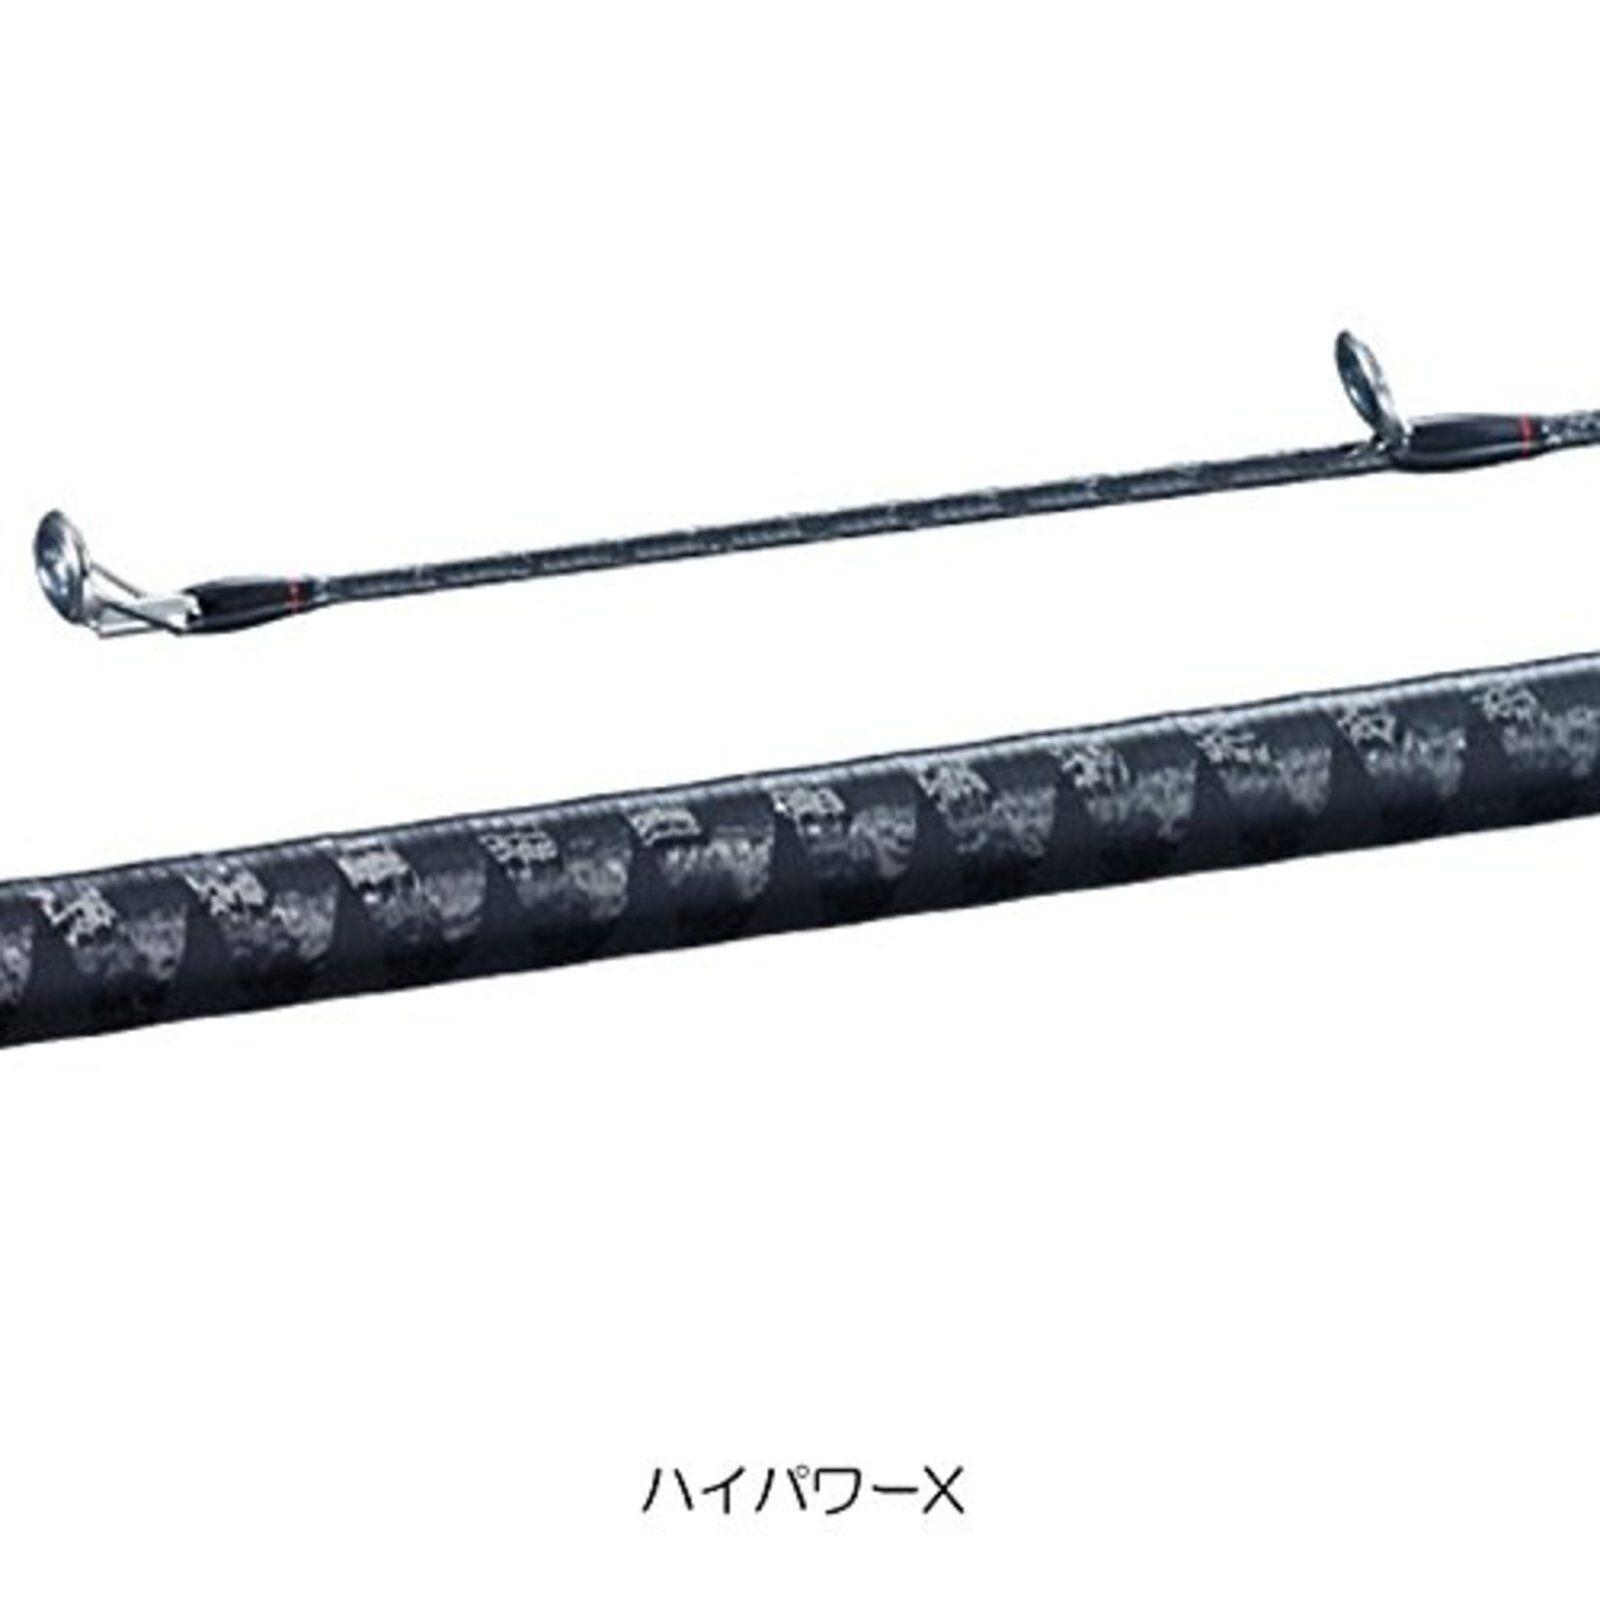 7'2 Heavy Medium 172MH-2 ZODIAS Shimano Bass S F Pole Rod